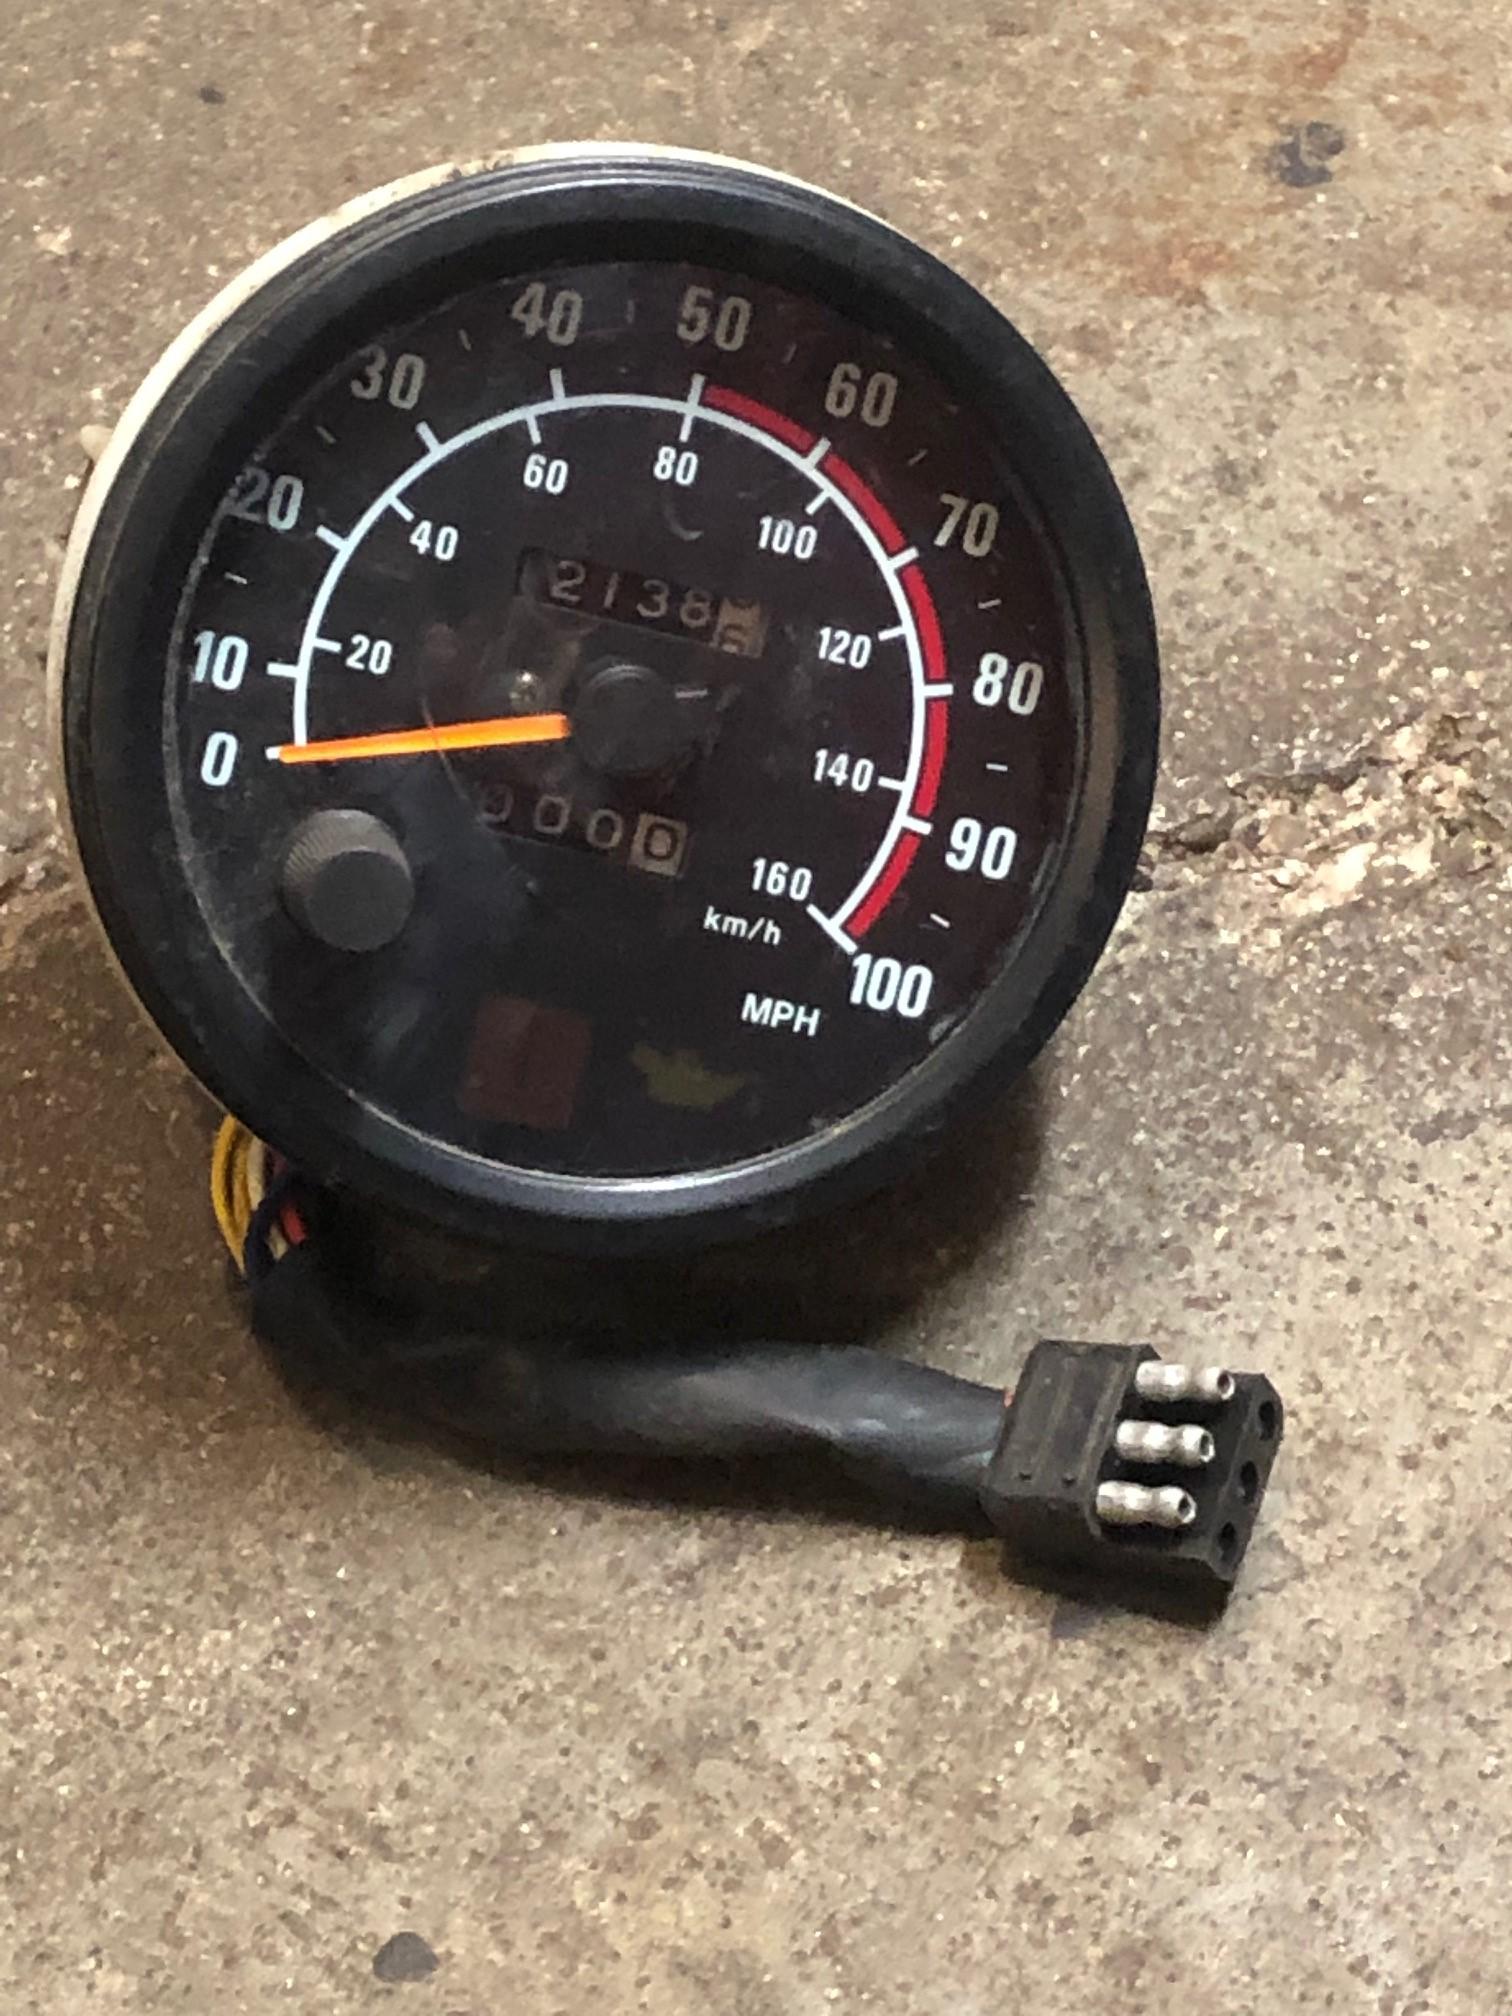 2002 zr 500  Speedometer Gauge